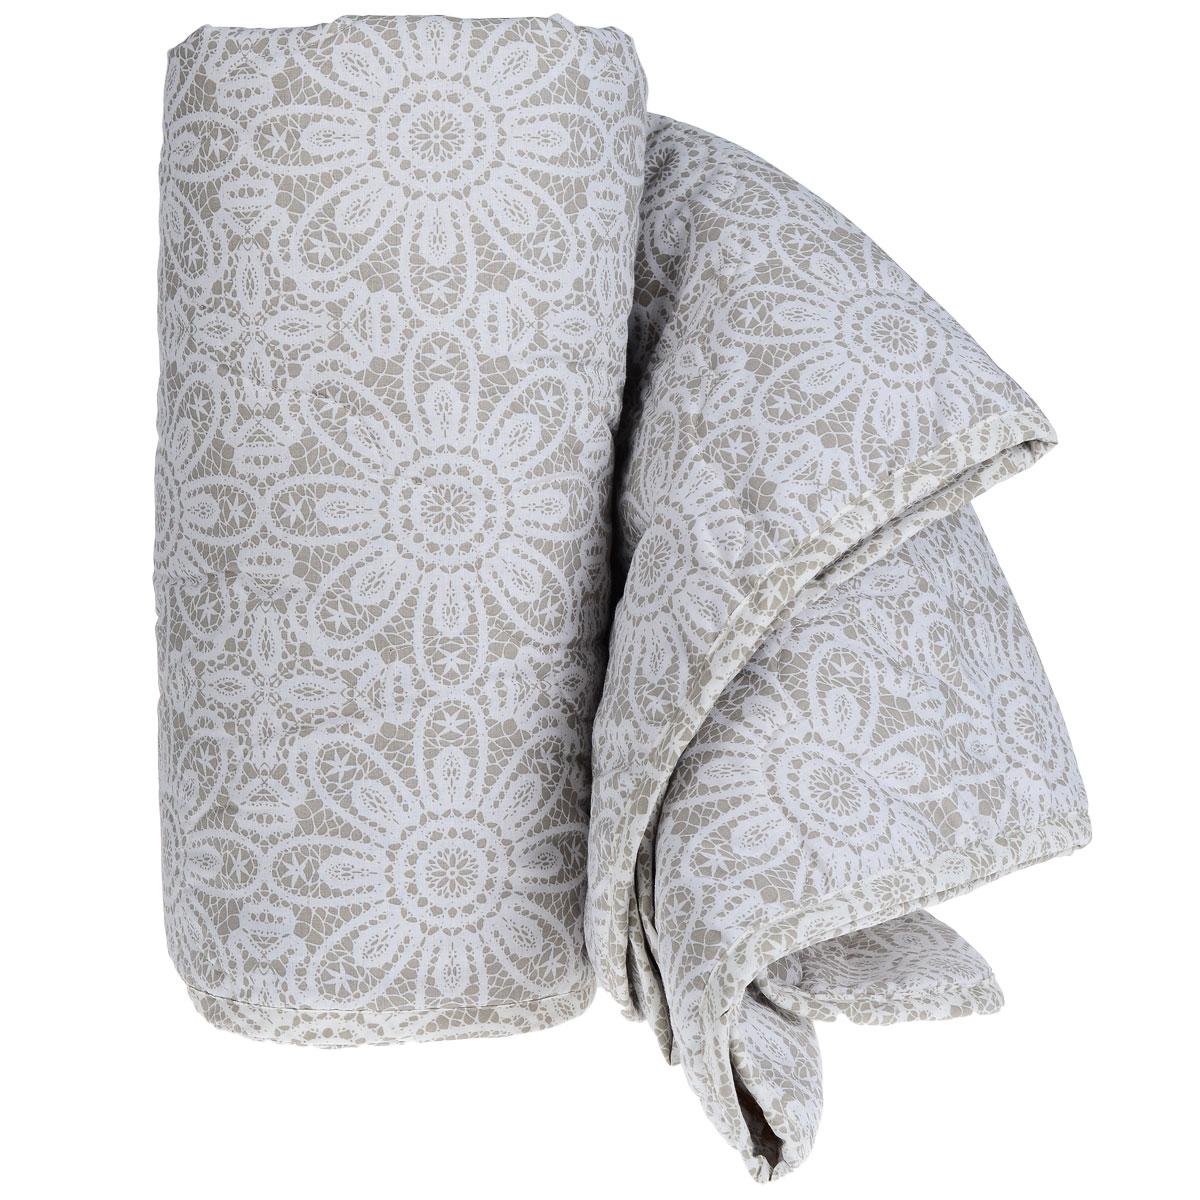 Одеяло летнее Green Line, наполнитель: льняное волокно, 140 см х 205 смS03301004Летнее одеяло Green Line подарит незабываемое чувство комфорта и уюта во время сна. Верх выполнен из ранфорса (100% хлопок) с красивым рисунком, напоминающим кружево. Внутри - наполнитель из льняного волокна. Это экологически чистый натуральный материал, который позаботится о вашем здоровье и подарит комфортный сон. Лен обладает уникальными свойствами: он холодит в жару и согревает в холод, он полезен для здоровья, так как является природным антисептиком. Благодаря пористой структуре, ткань дышит и создается эффект активного дыхания. Стежка и кант по краю не позволяют наполнителю скатываться и равномерно удерживают его внутри. Одеяло легкое и тонкое - оно идеально подойдет для лета, под ним будет прохладно и комфортно спать в жару. Рекомендации по уходу: - запрещается стирка в стиральной машине и вручную, - не отбеливать, - нельзя отжимать и сушить в стиральной машине, - не гладить, - химчистка с мягкими растворителями, - сушить вертикально. Материал чехла: ранфорс (100% хлопок).Наполнитель: лен (натуральное волокно 90%, полиэстер 10%). Размер: 140 см х 205 см.Масса наполнителя: 150 г/м2.